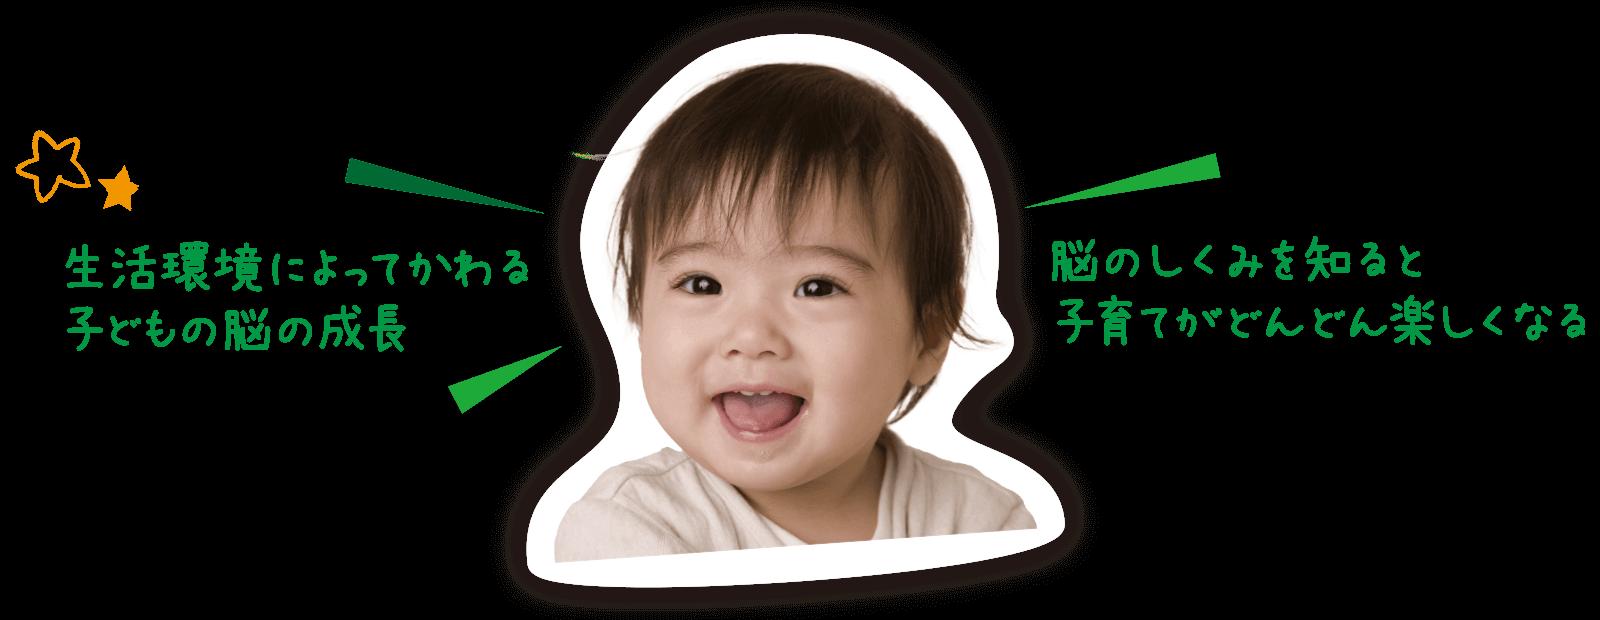 生活環境によってかわる子どもの脳の成長、脳のしくみを知ると子育てがどんどん楽しくなる